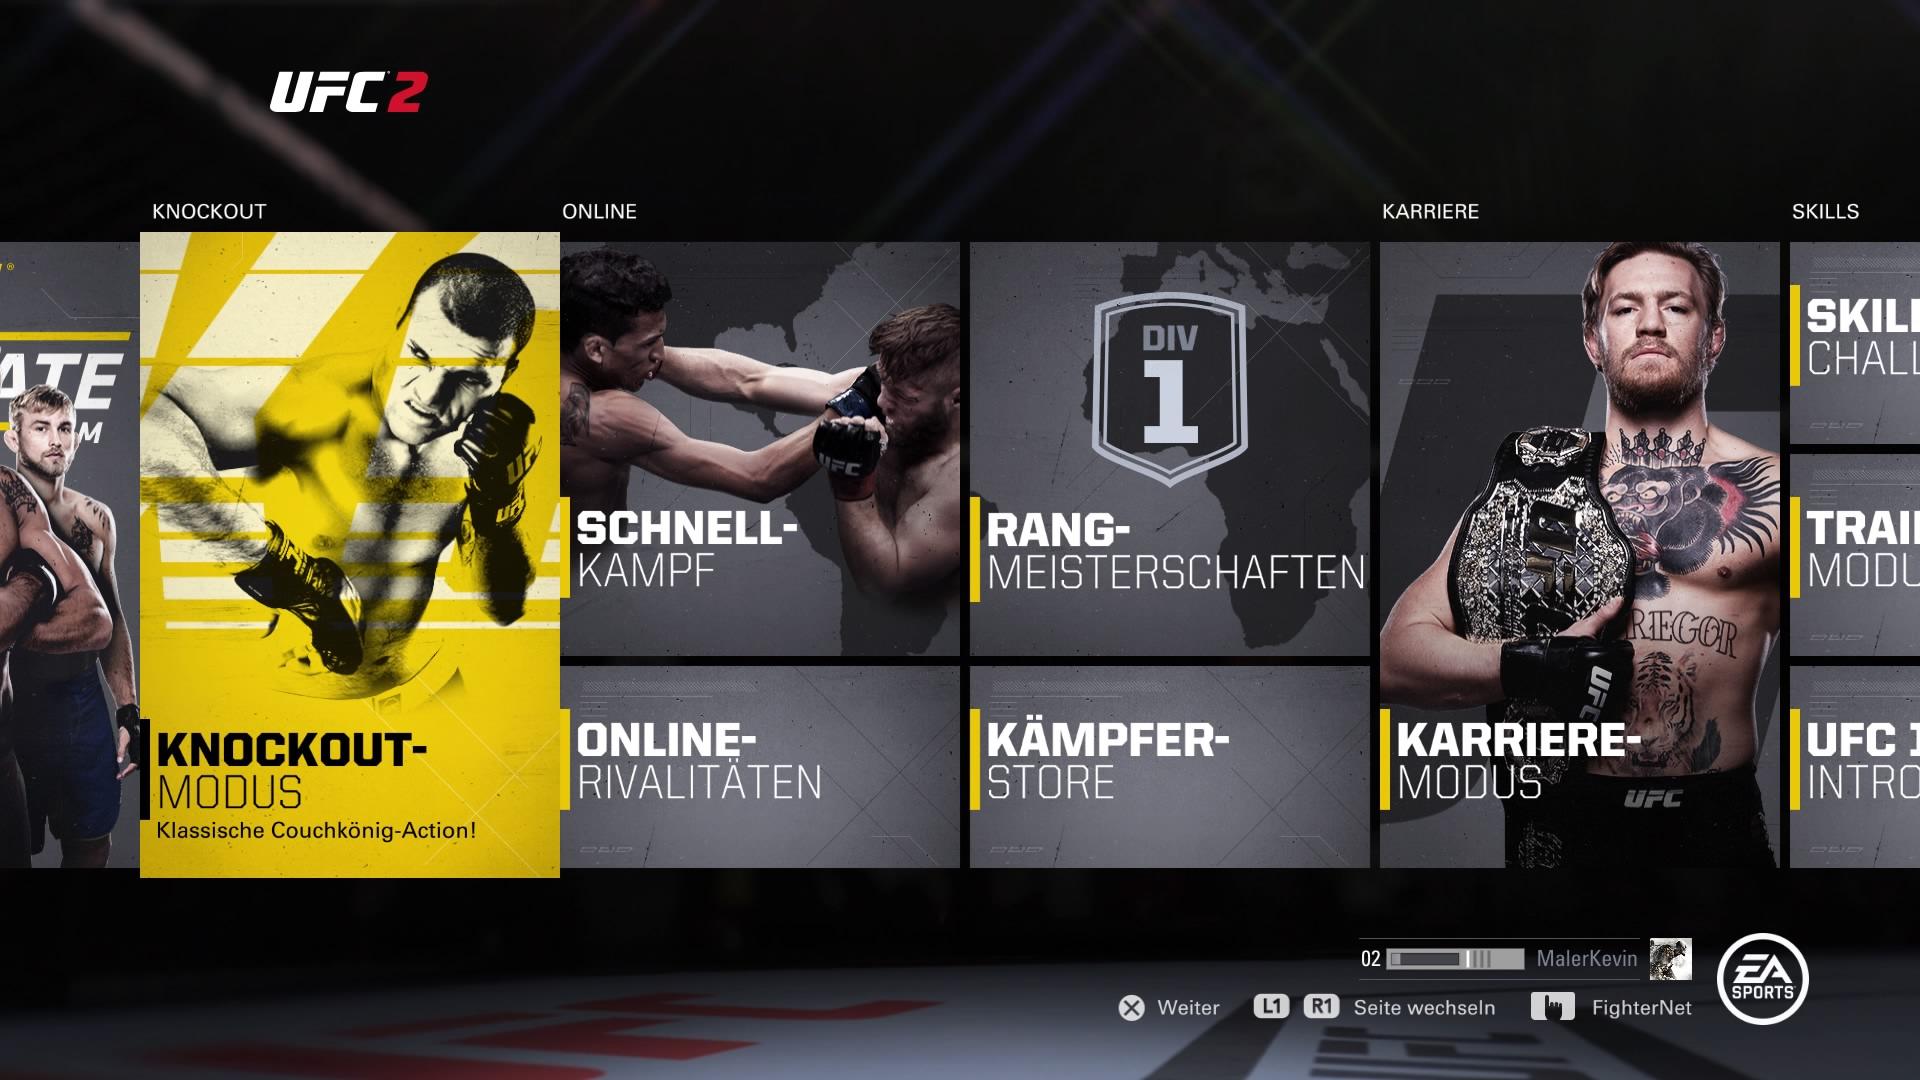 Wer schon einmal eines der letzten EA Sports Spiele gespielt hat. Kommt im Menü sofort zu recht.